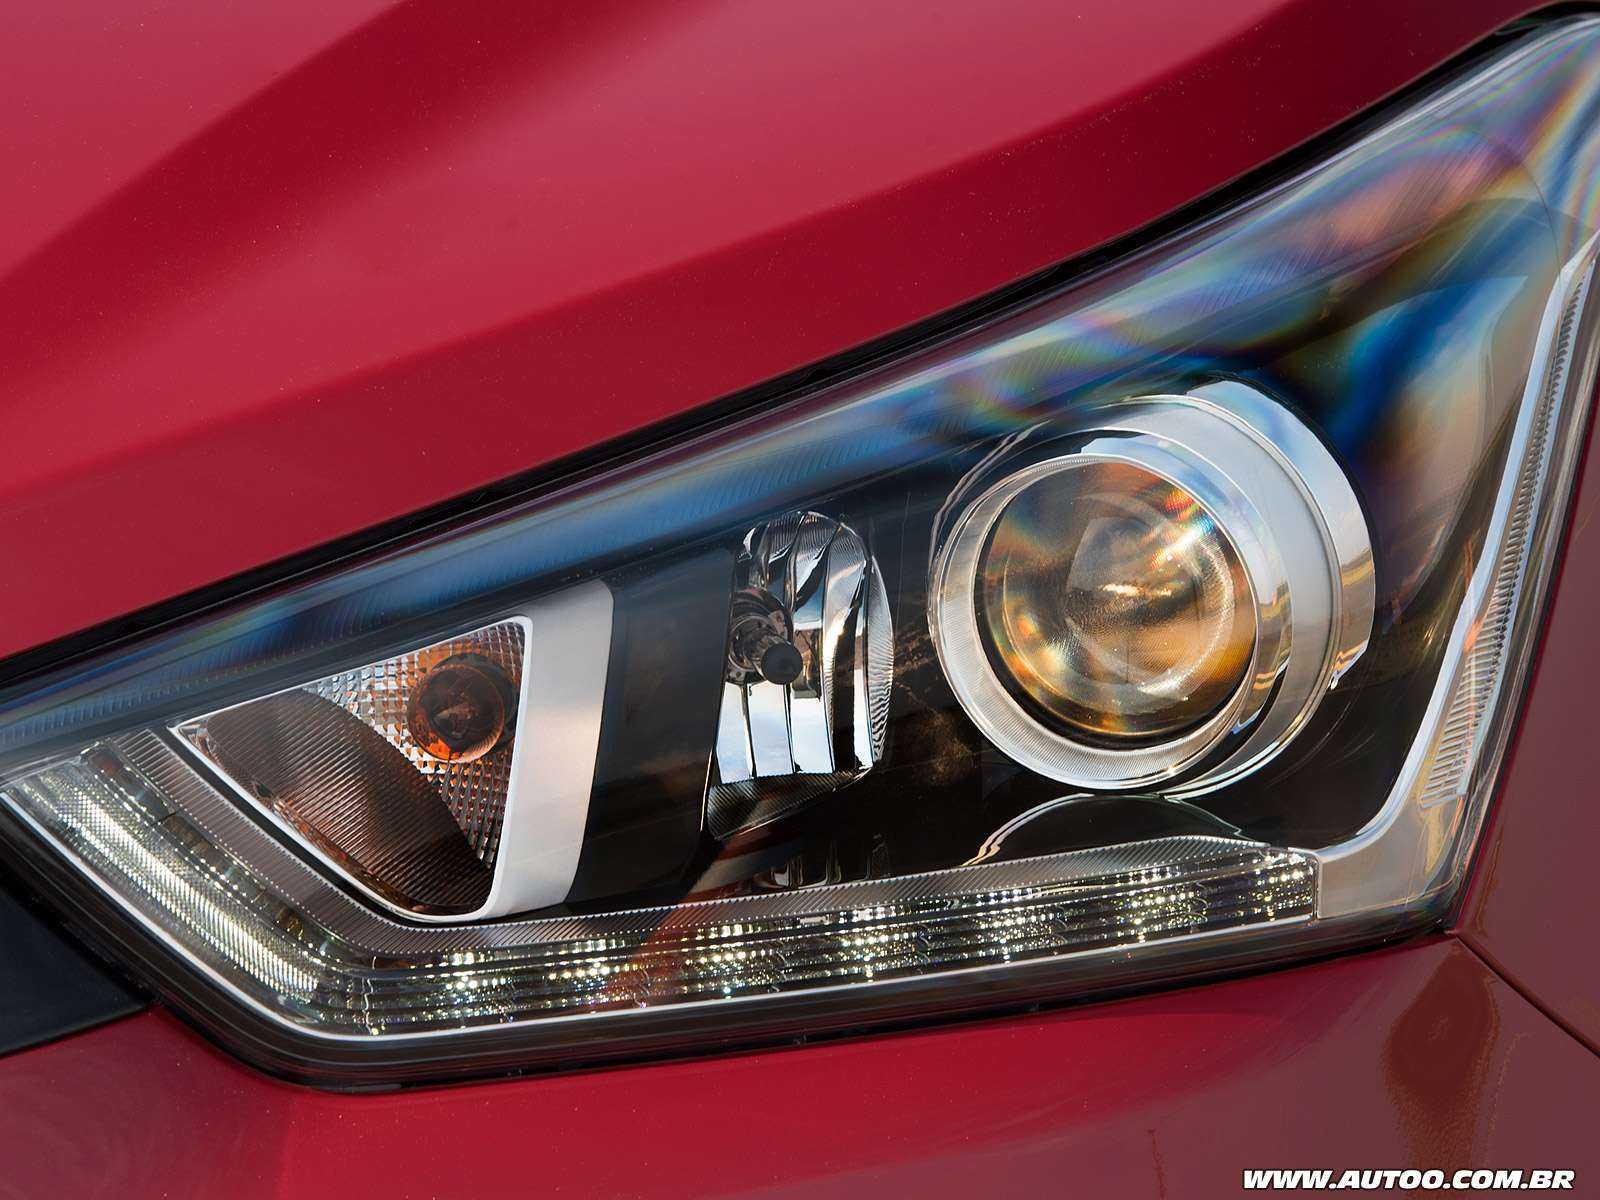 HyundaiCreta 2018 - faróis